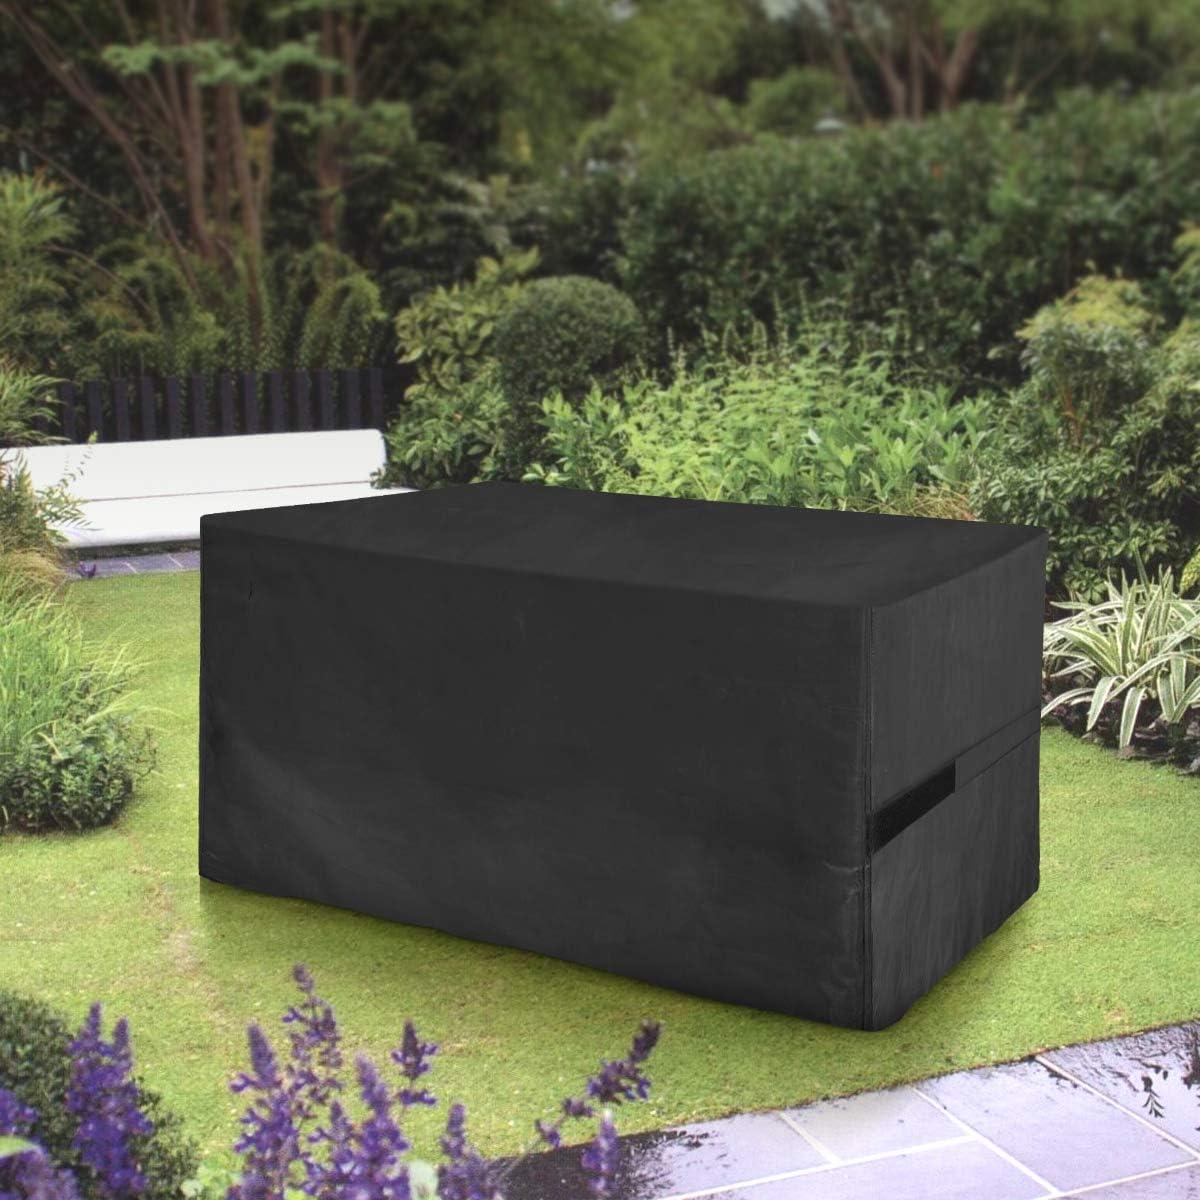 FlyLemon Fundas Muebles Jardin, Tela 420D Impermeable Anti-UV Patio Protectores con DiezTamaños(200 * 160 * 70 cm): Amazon.es: Jardín